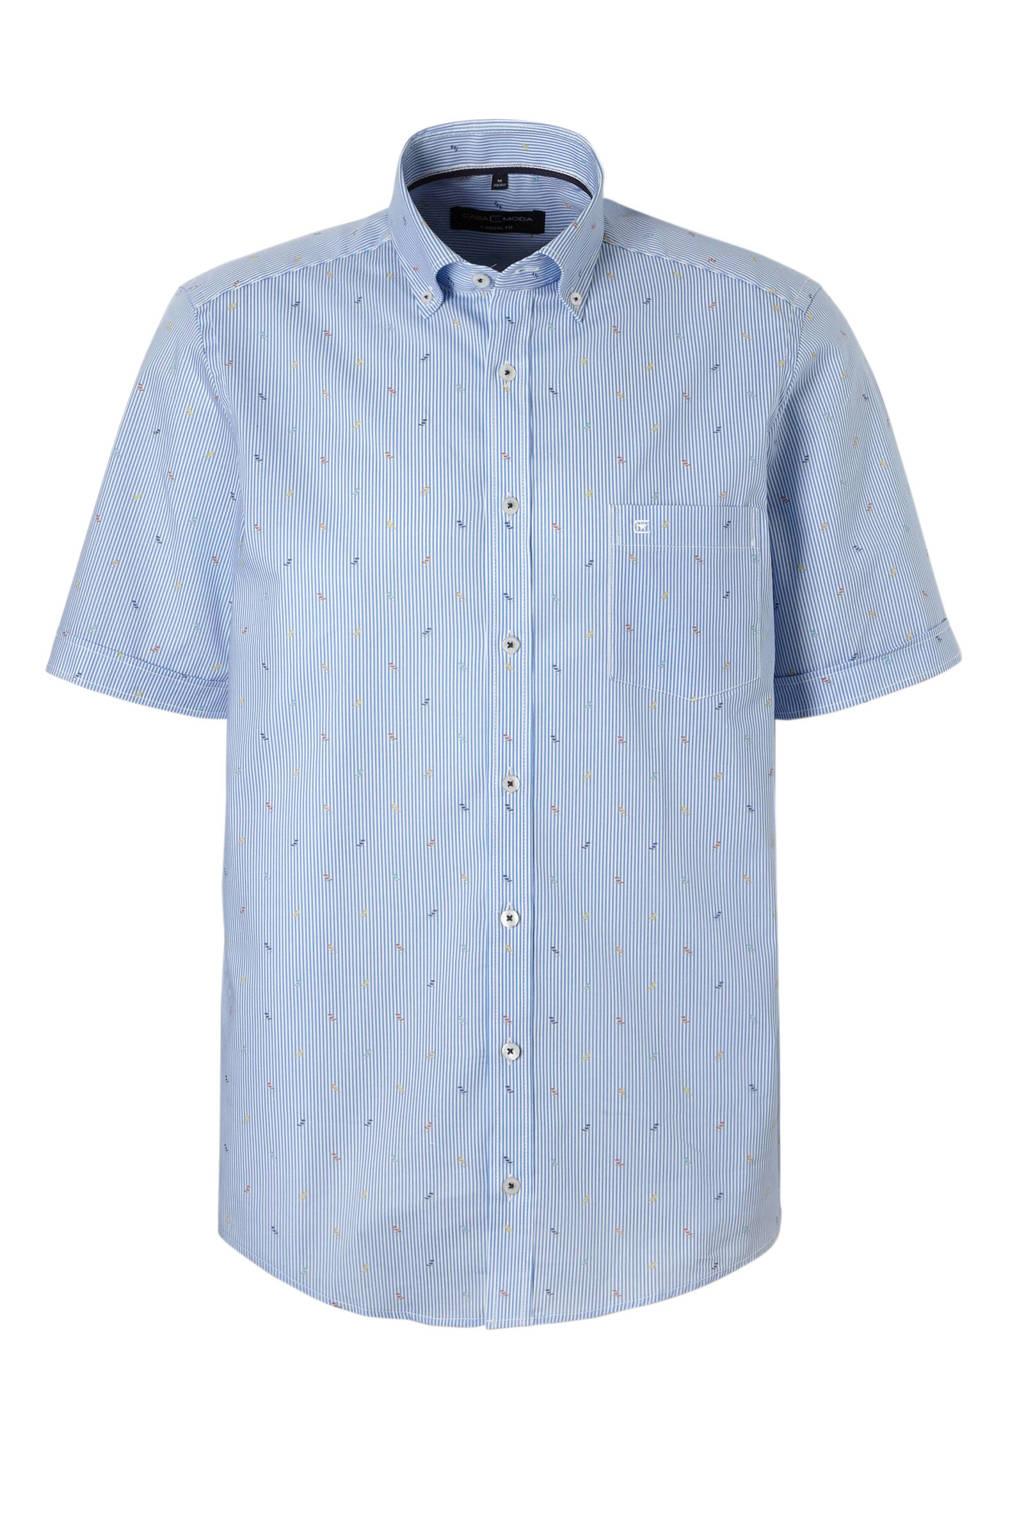 Casa Moda +size overhemd korte mouw, Blauw/wit